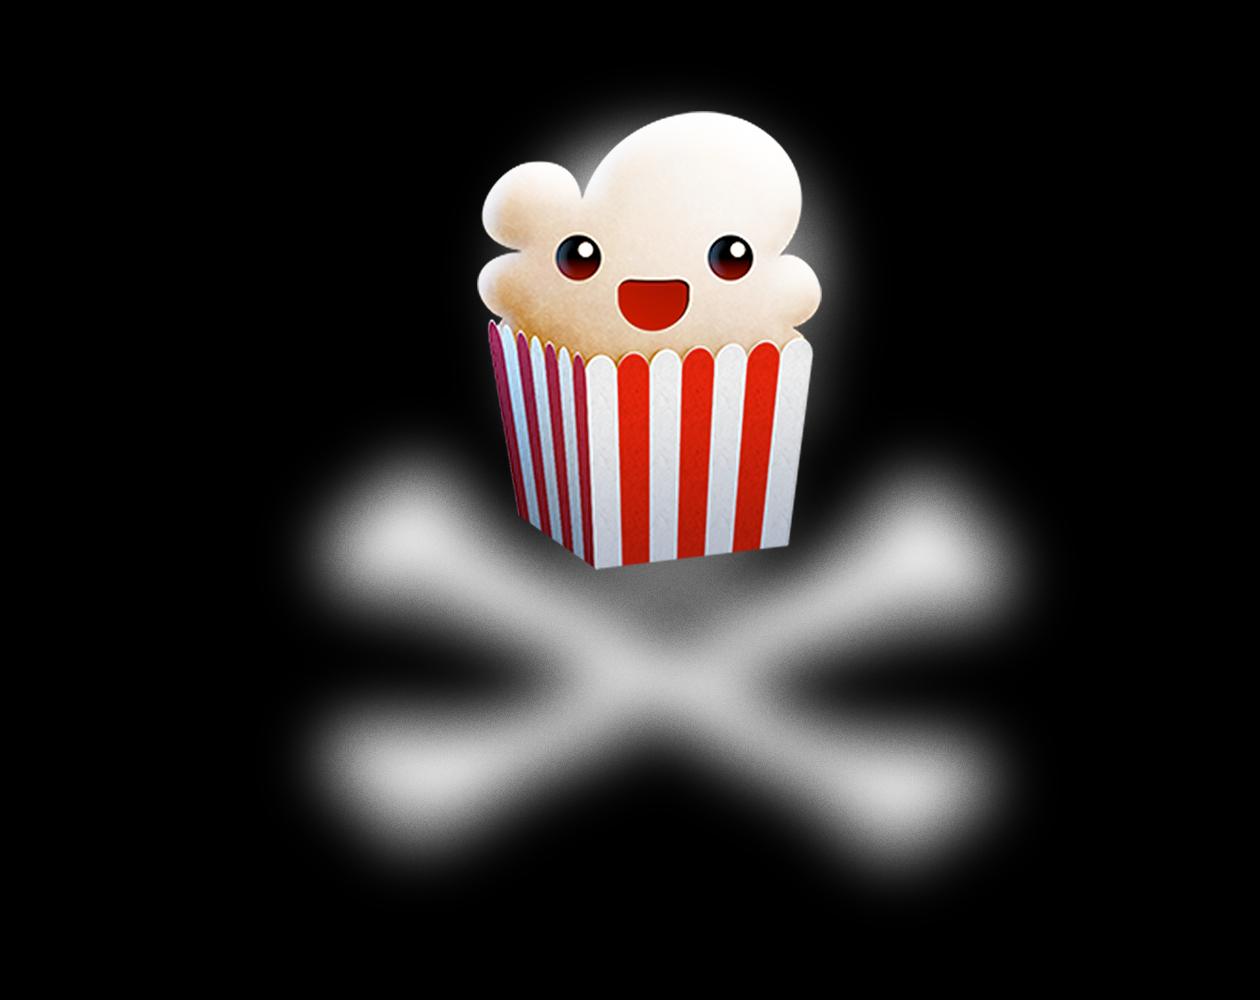 Popcorn Time для Mac — лучший способ смотреть торренты онлайн